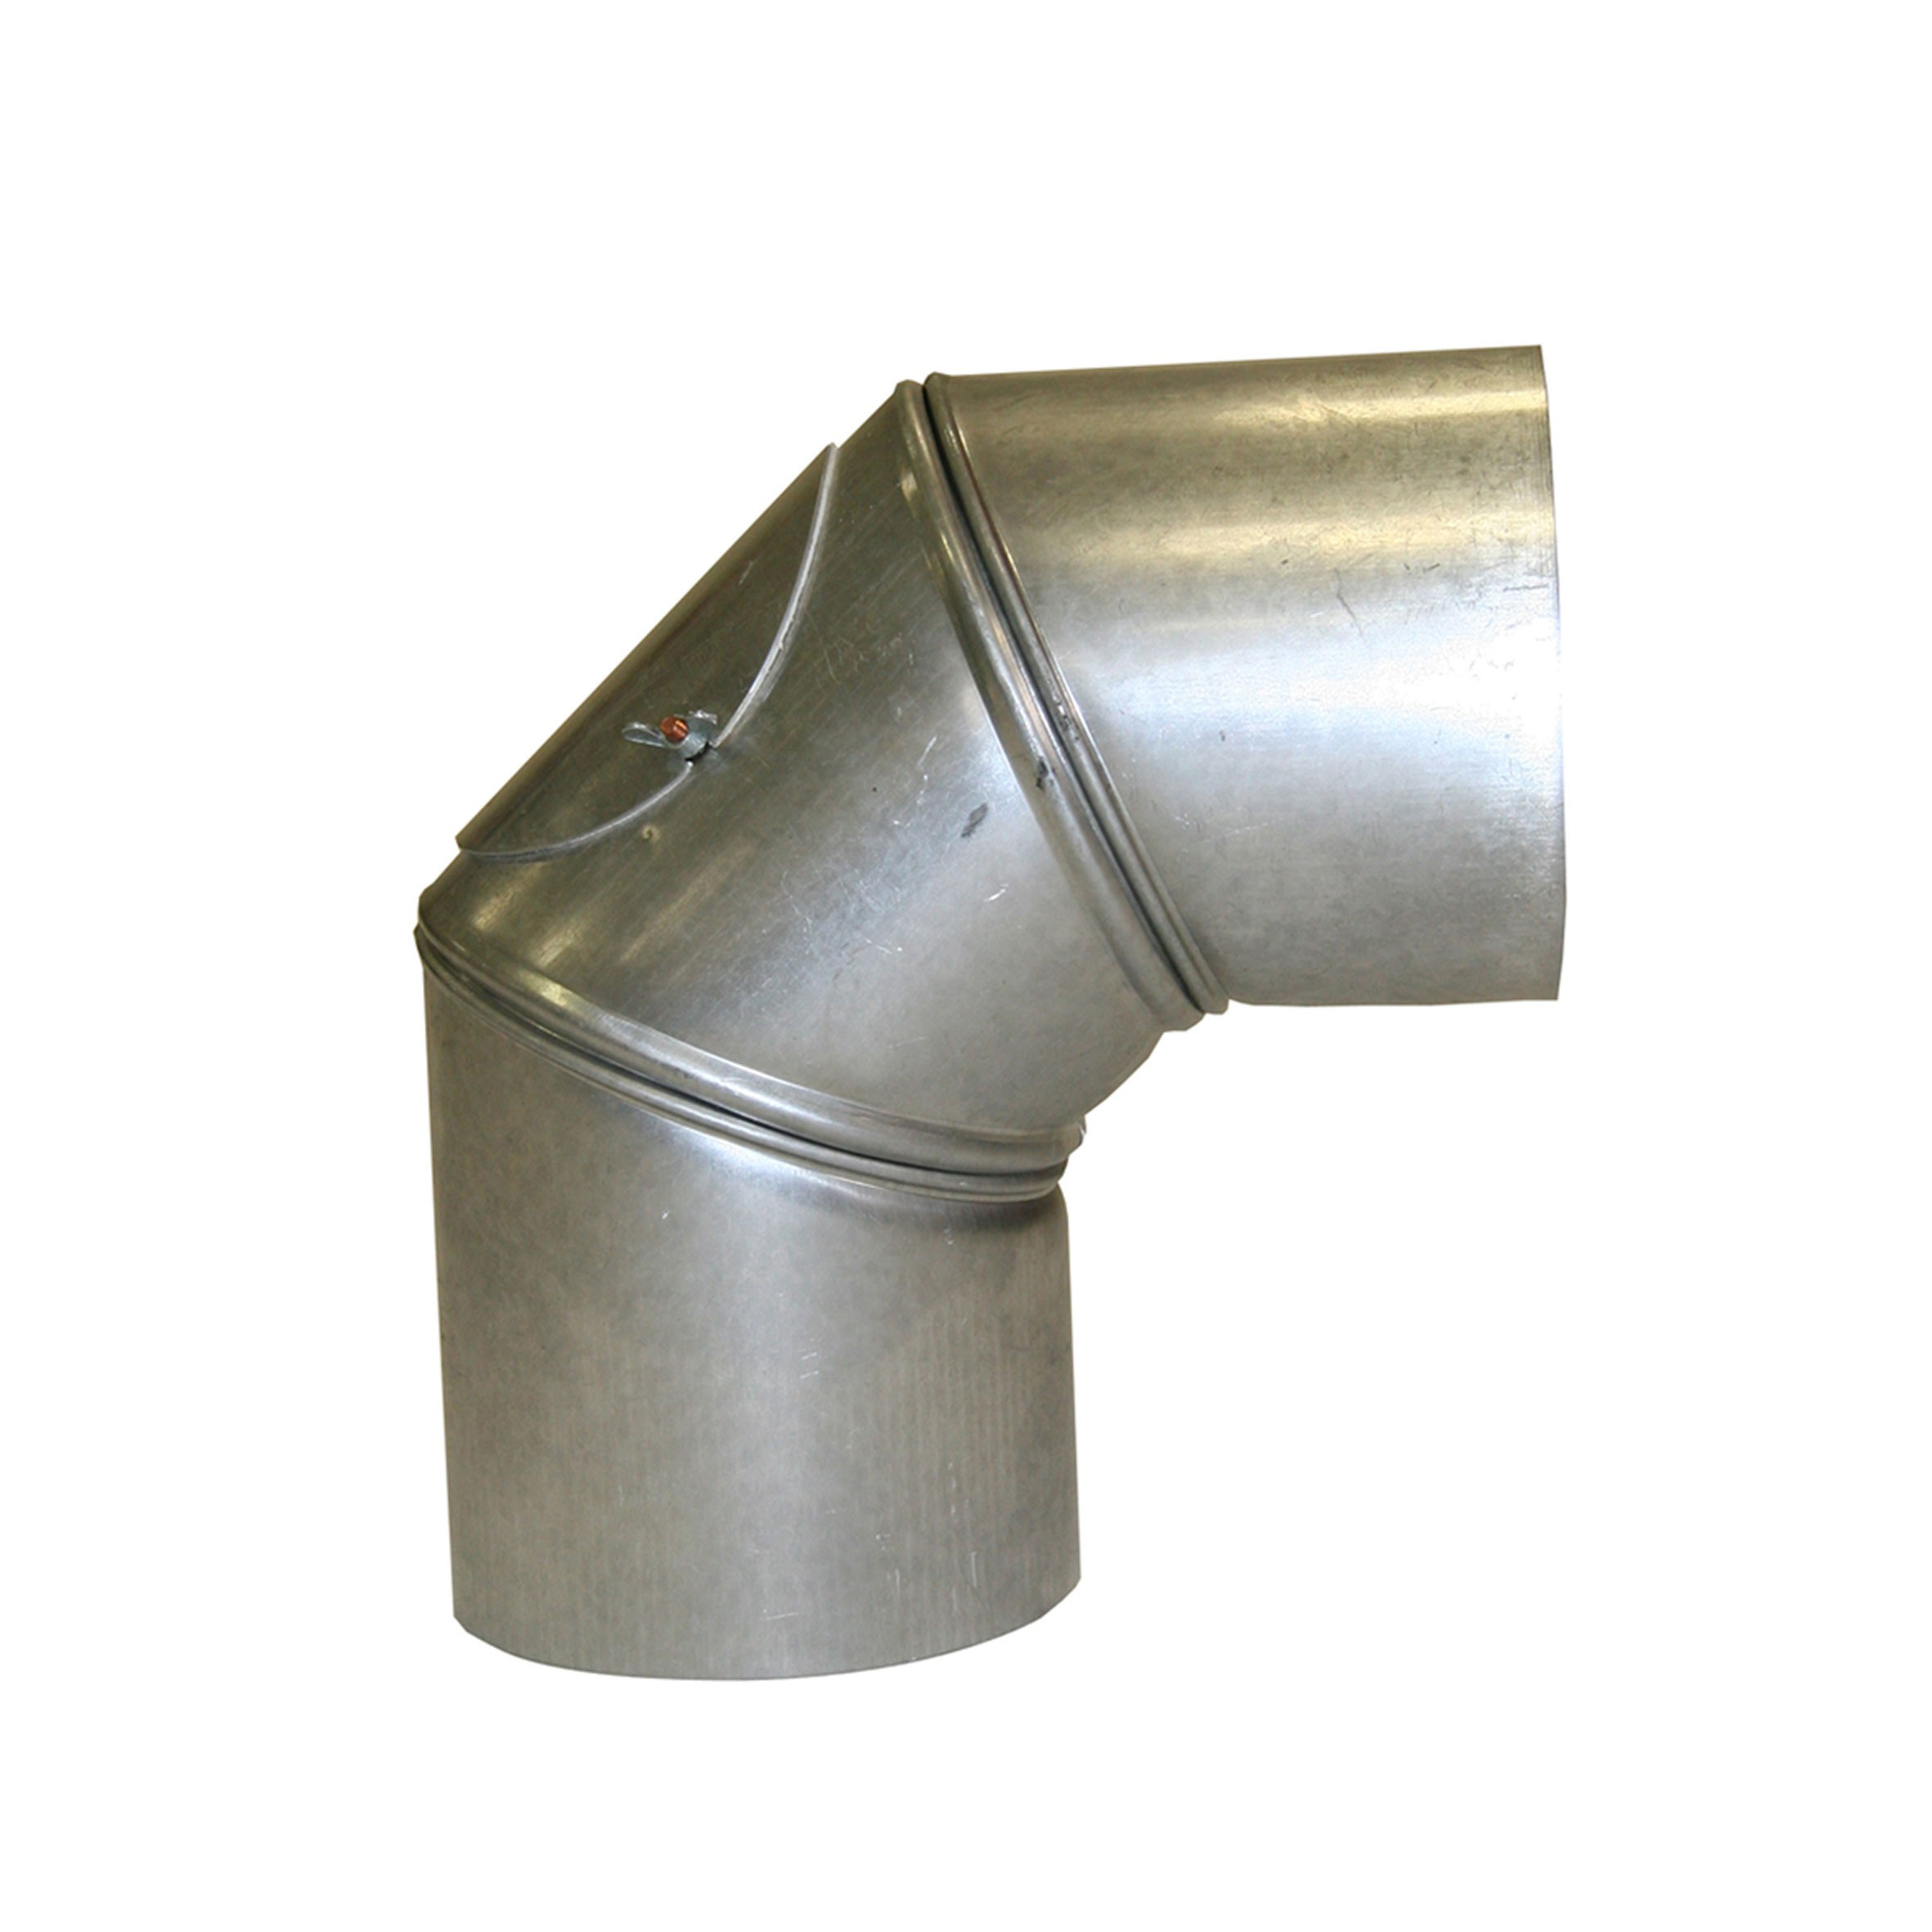 Ofenrohr / Rauchrohr FAL Bogenknie 90° Ø130mm 3tlg. mit Tür Bild 1